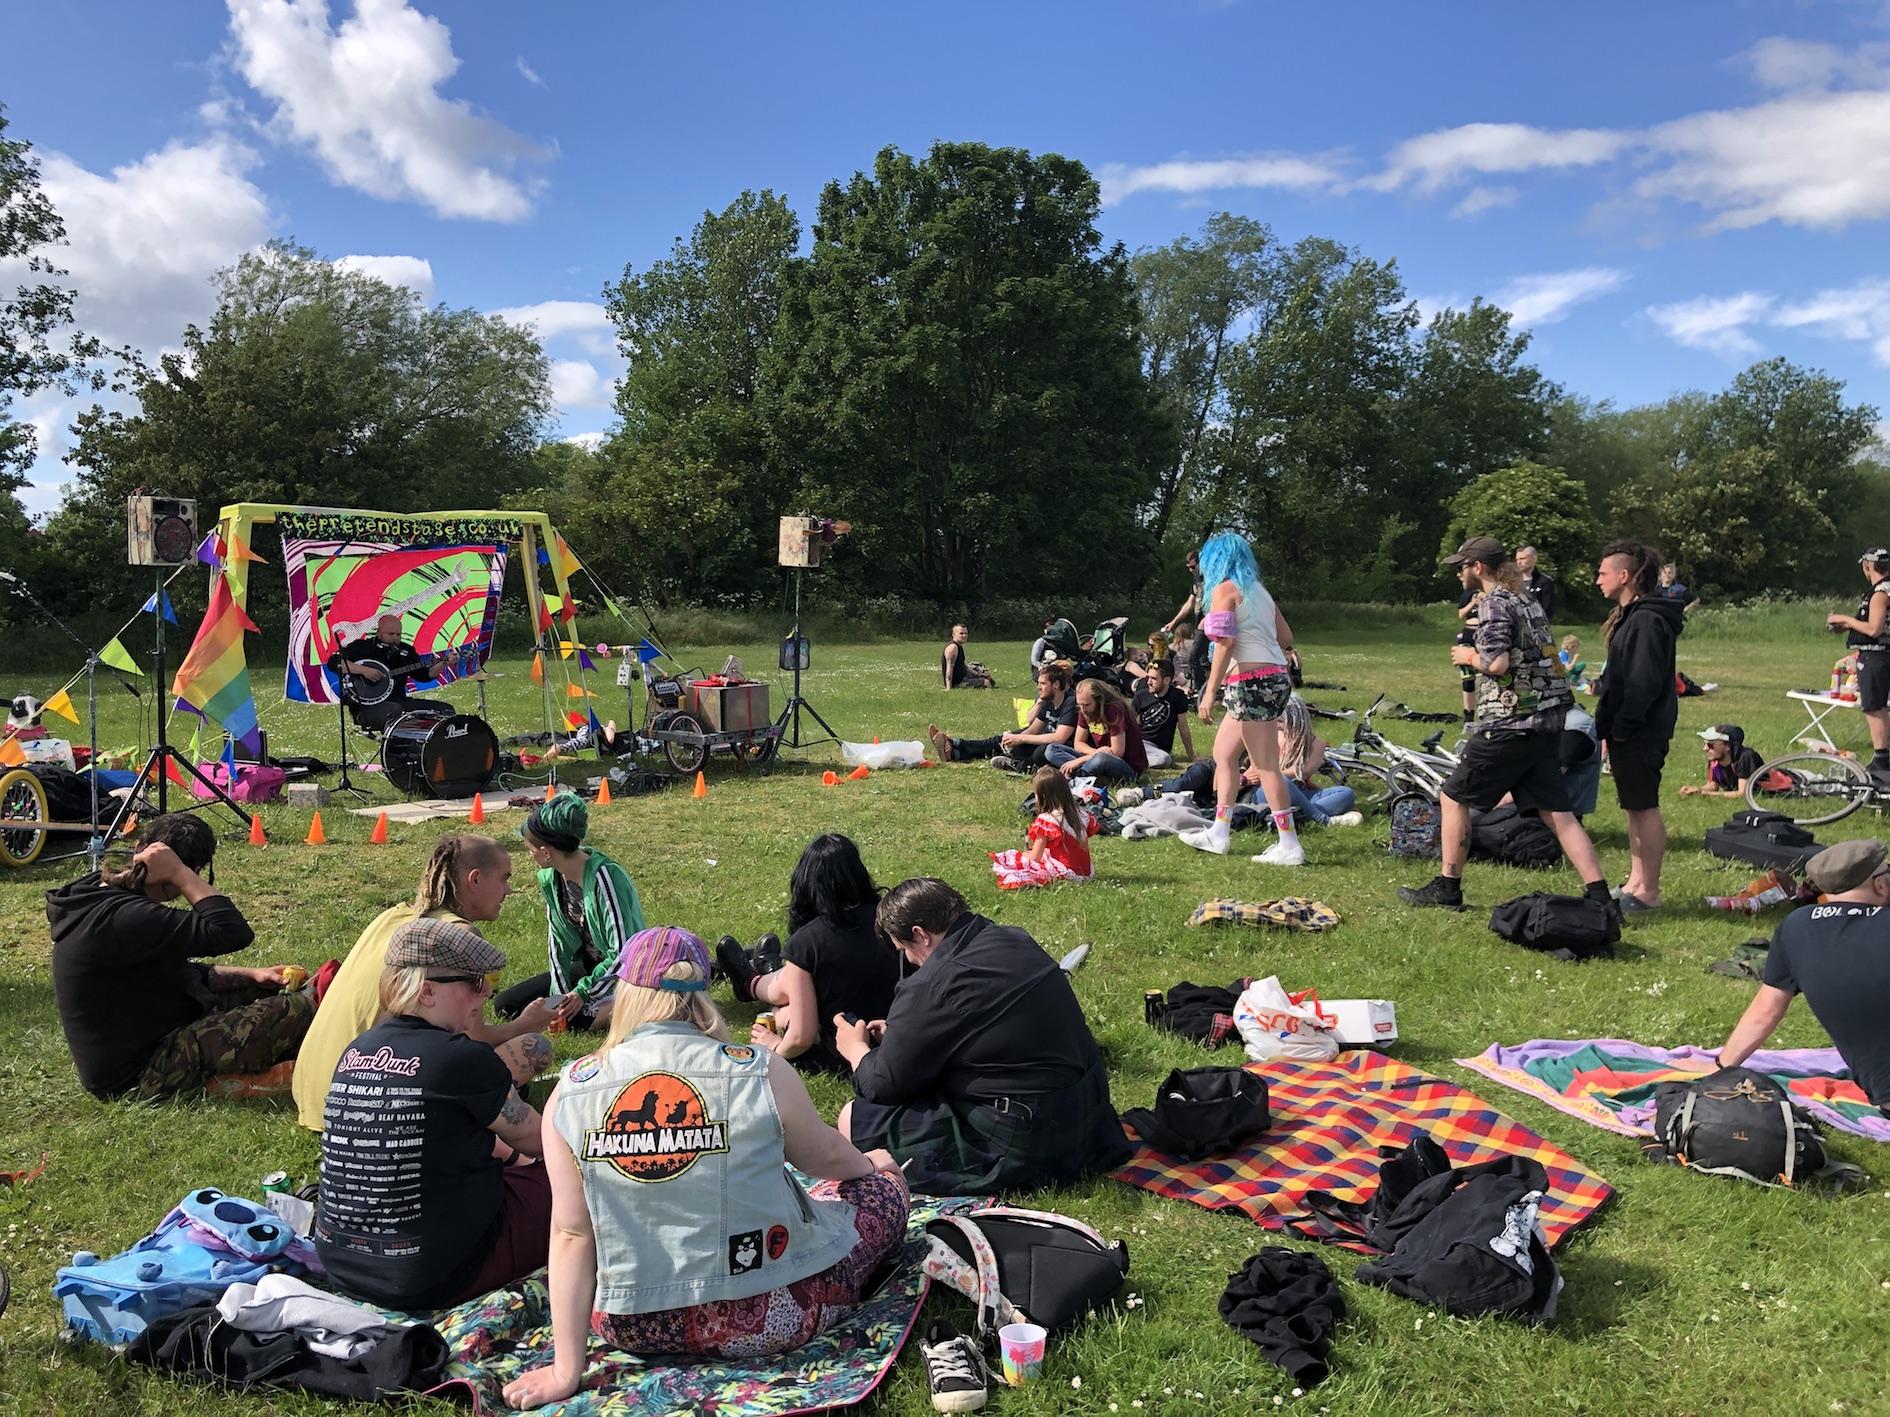 york punks picnic